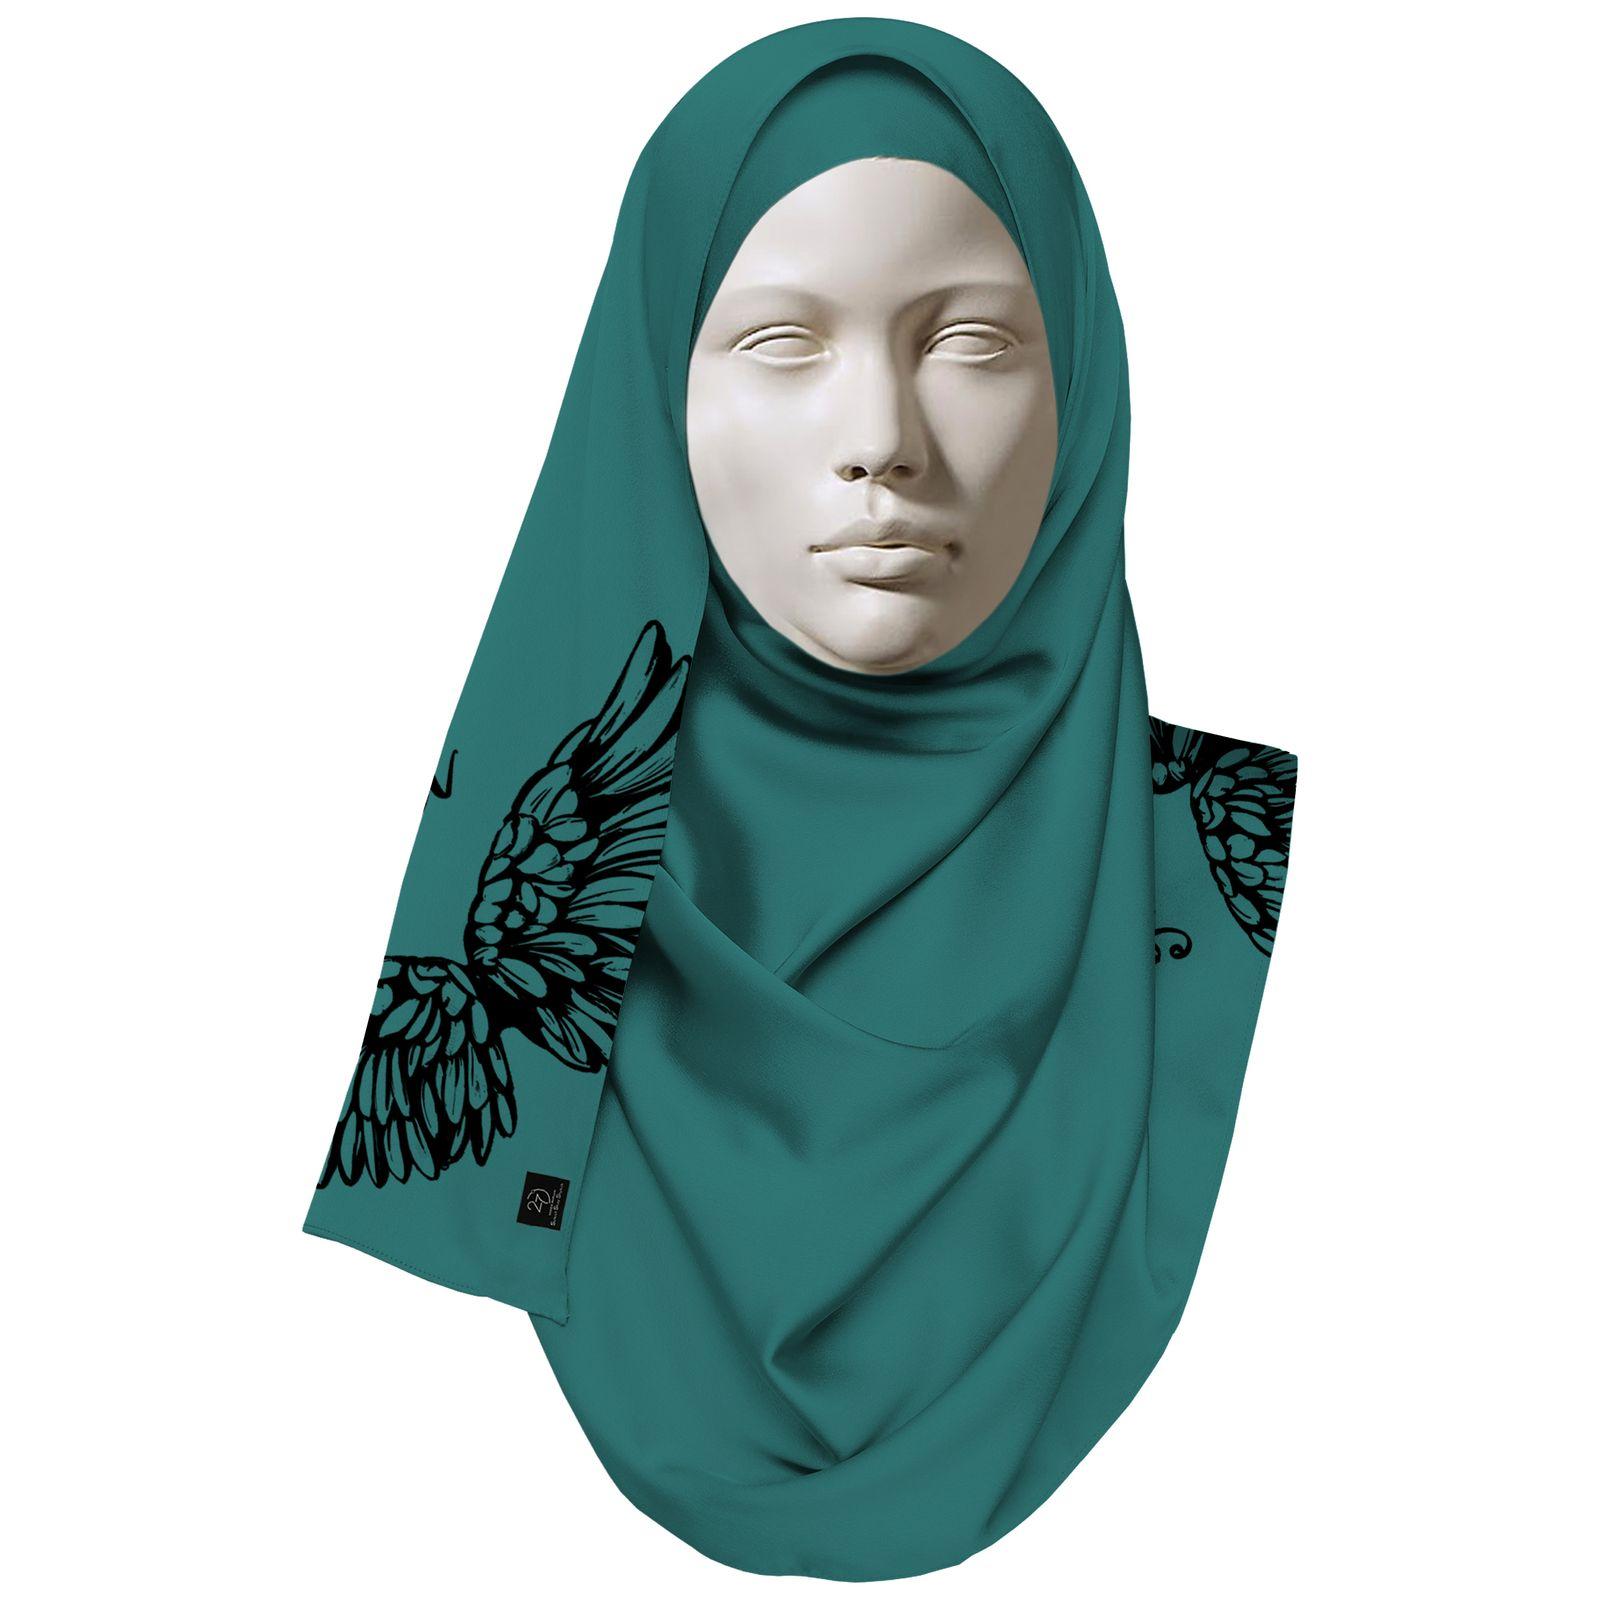 روسری زنانه 27 طرح angel کد H08 -  - 3